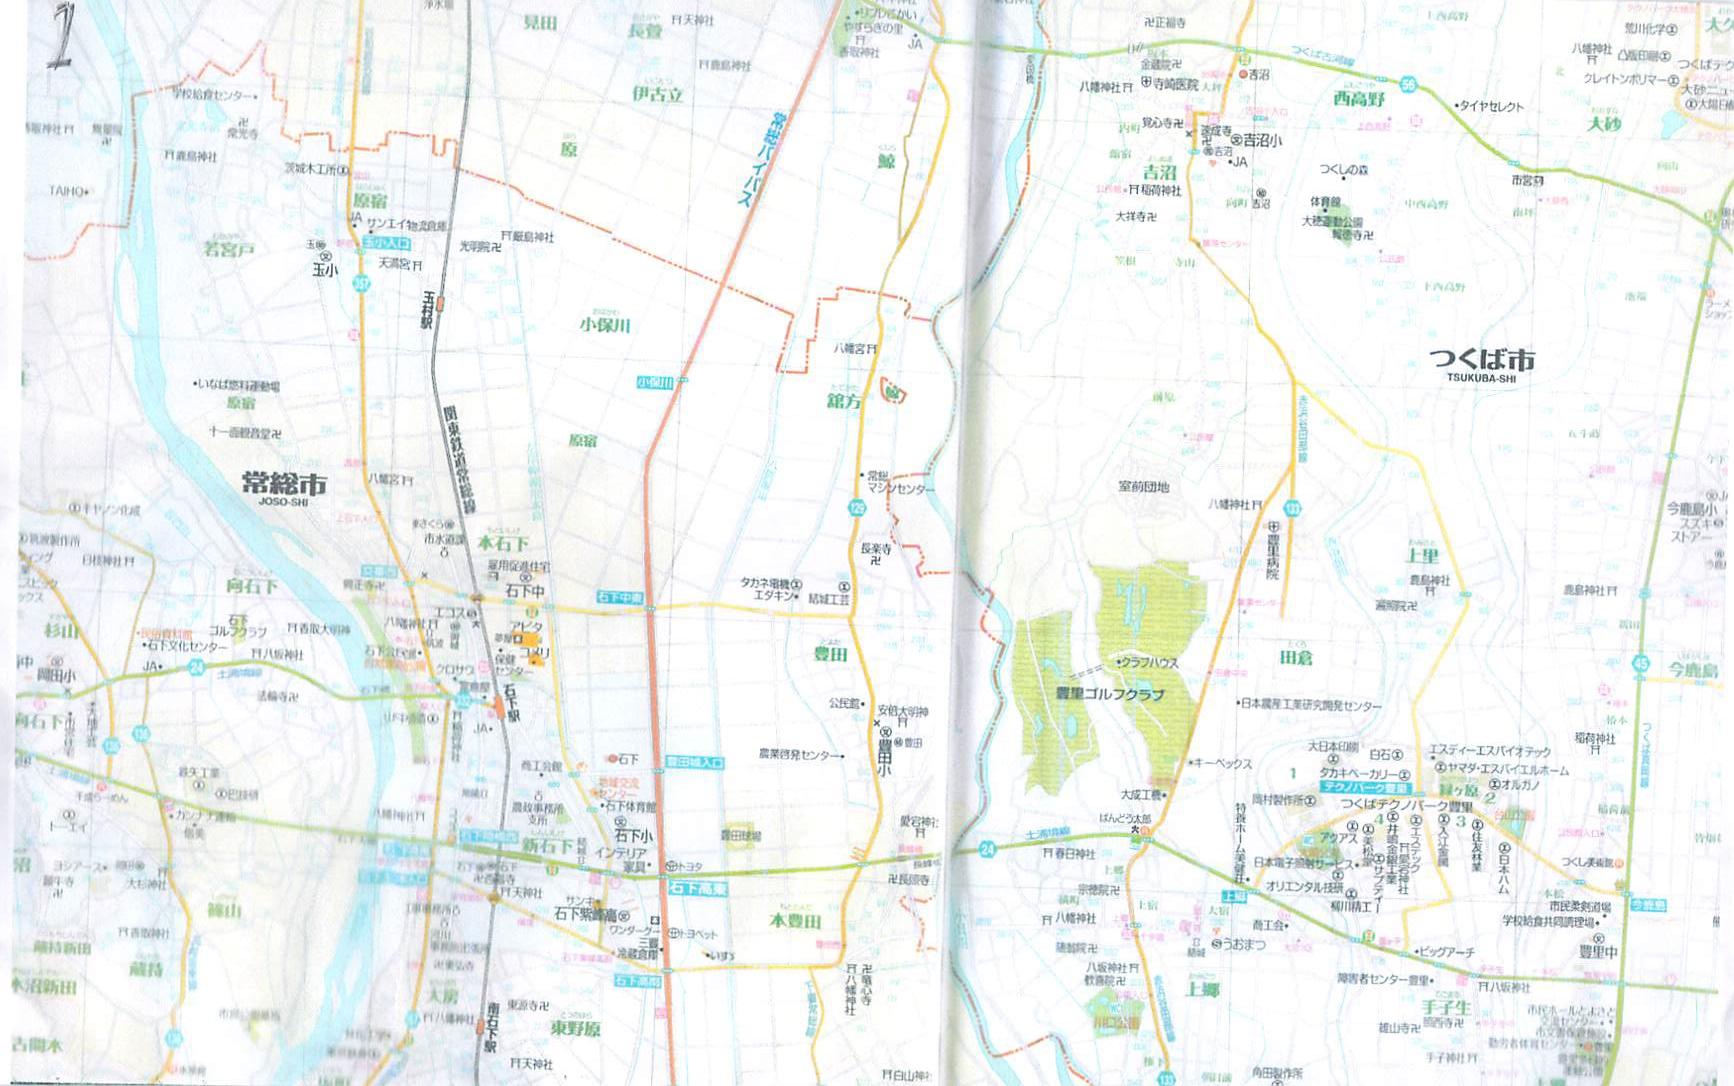 joso-map1.jpg